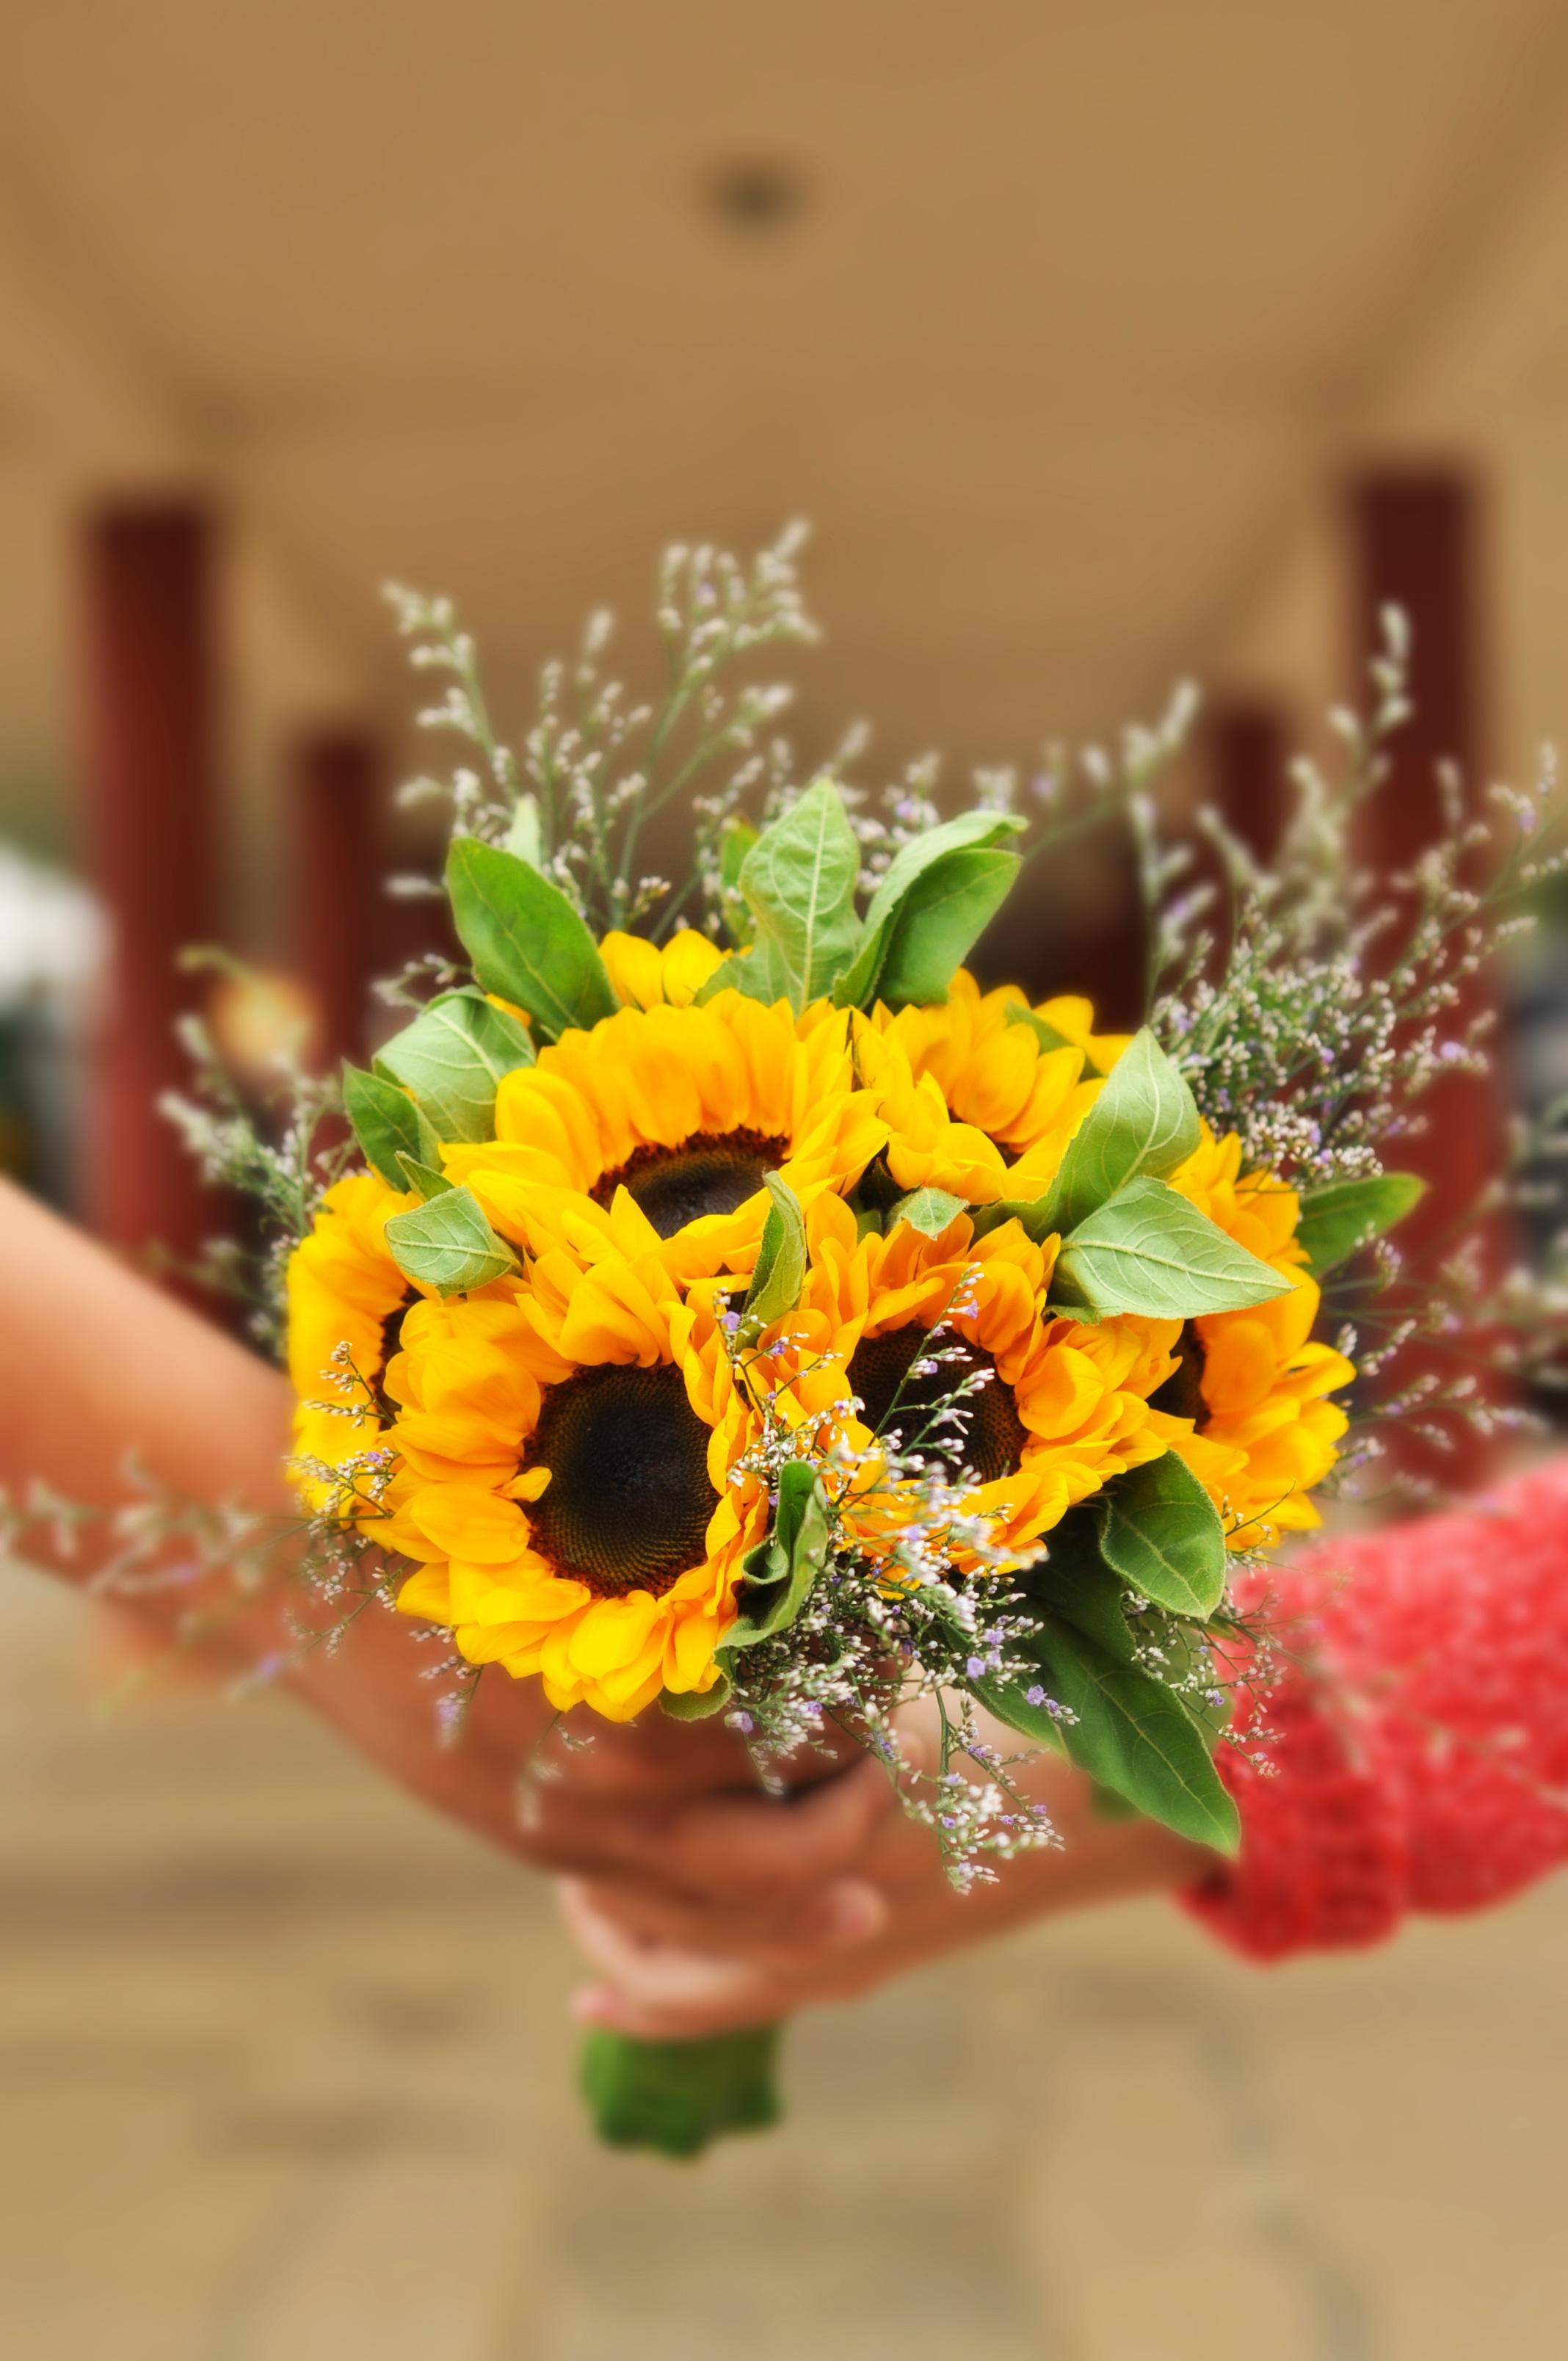 images gratuites : fille, fleur, jaune, mariage, tenir, flore